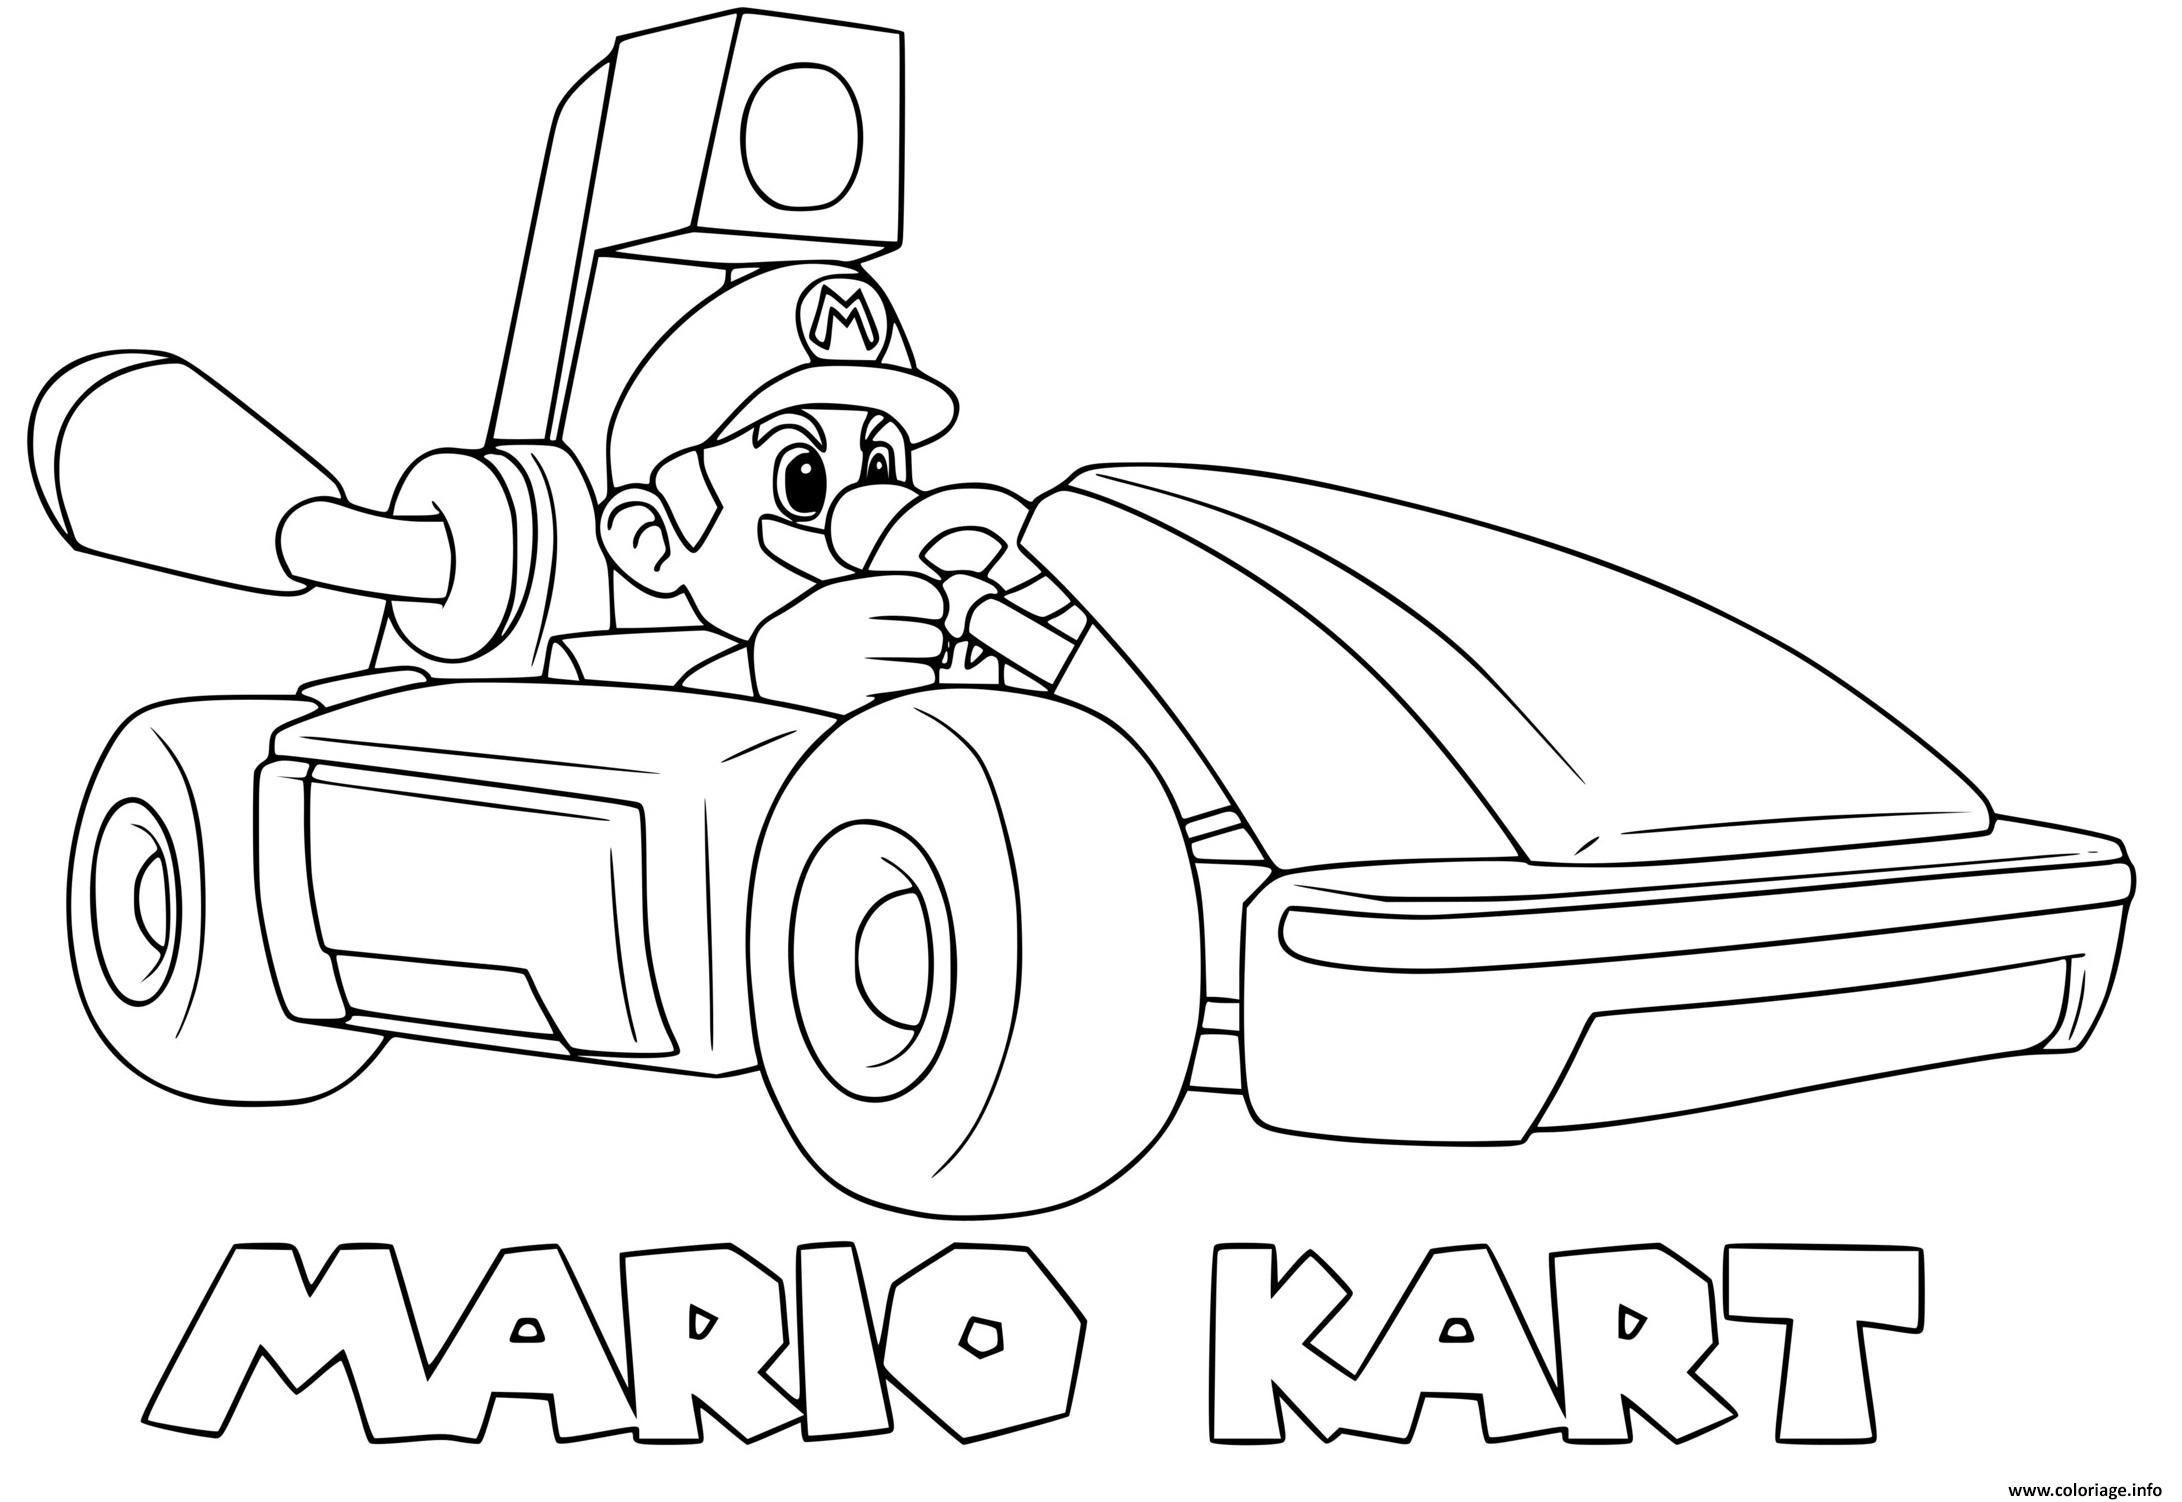 Dessin mario kart 8 deluxe mario pret pour la course formule 1 Coloriage Gratuit à Imprimer